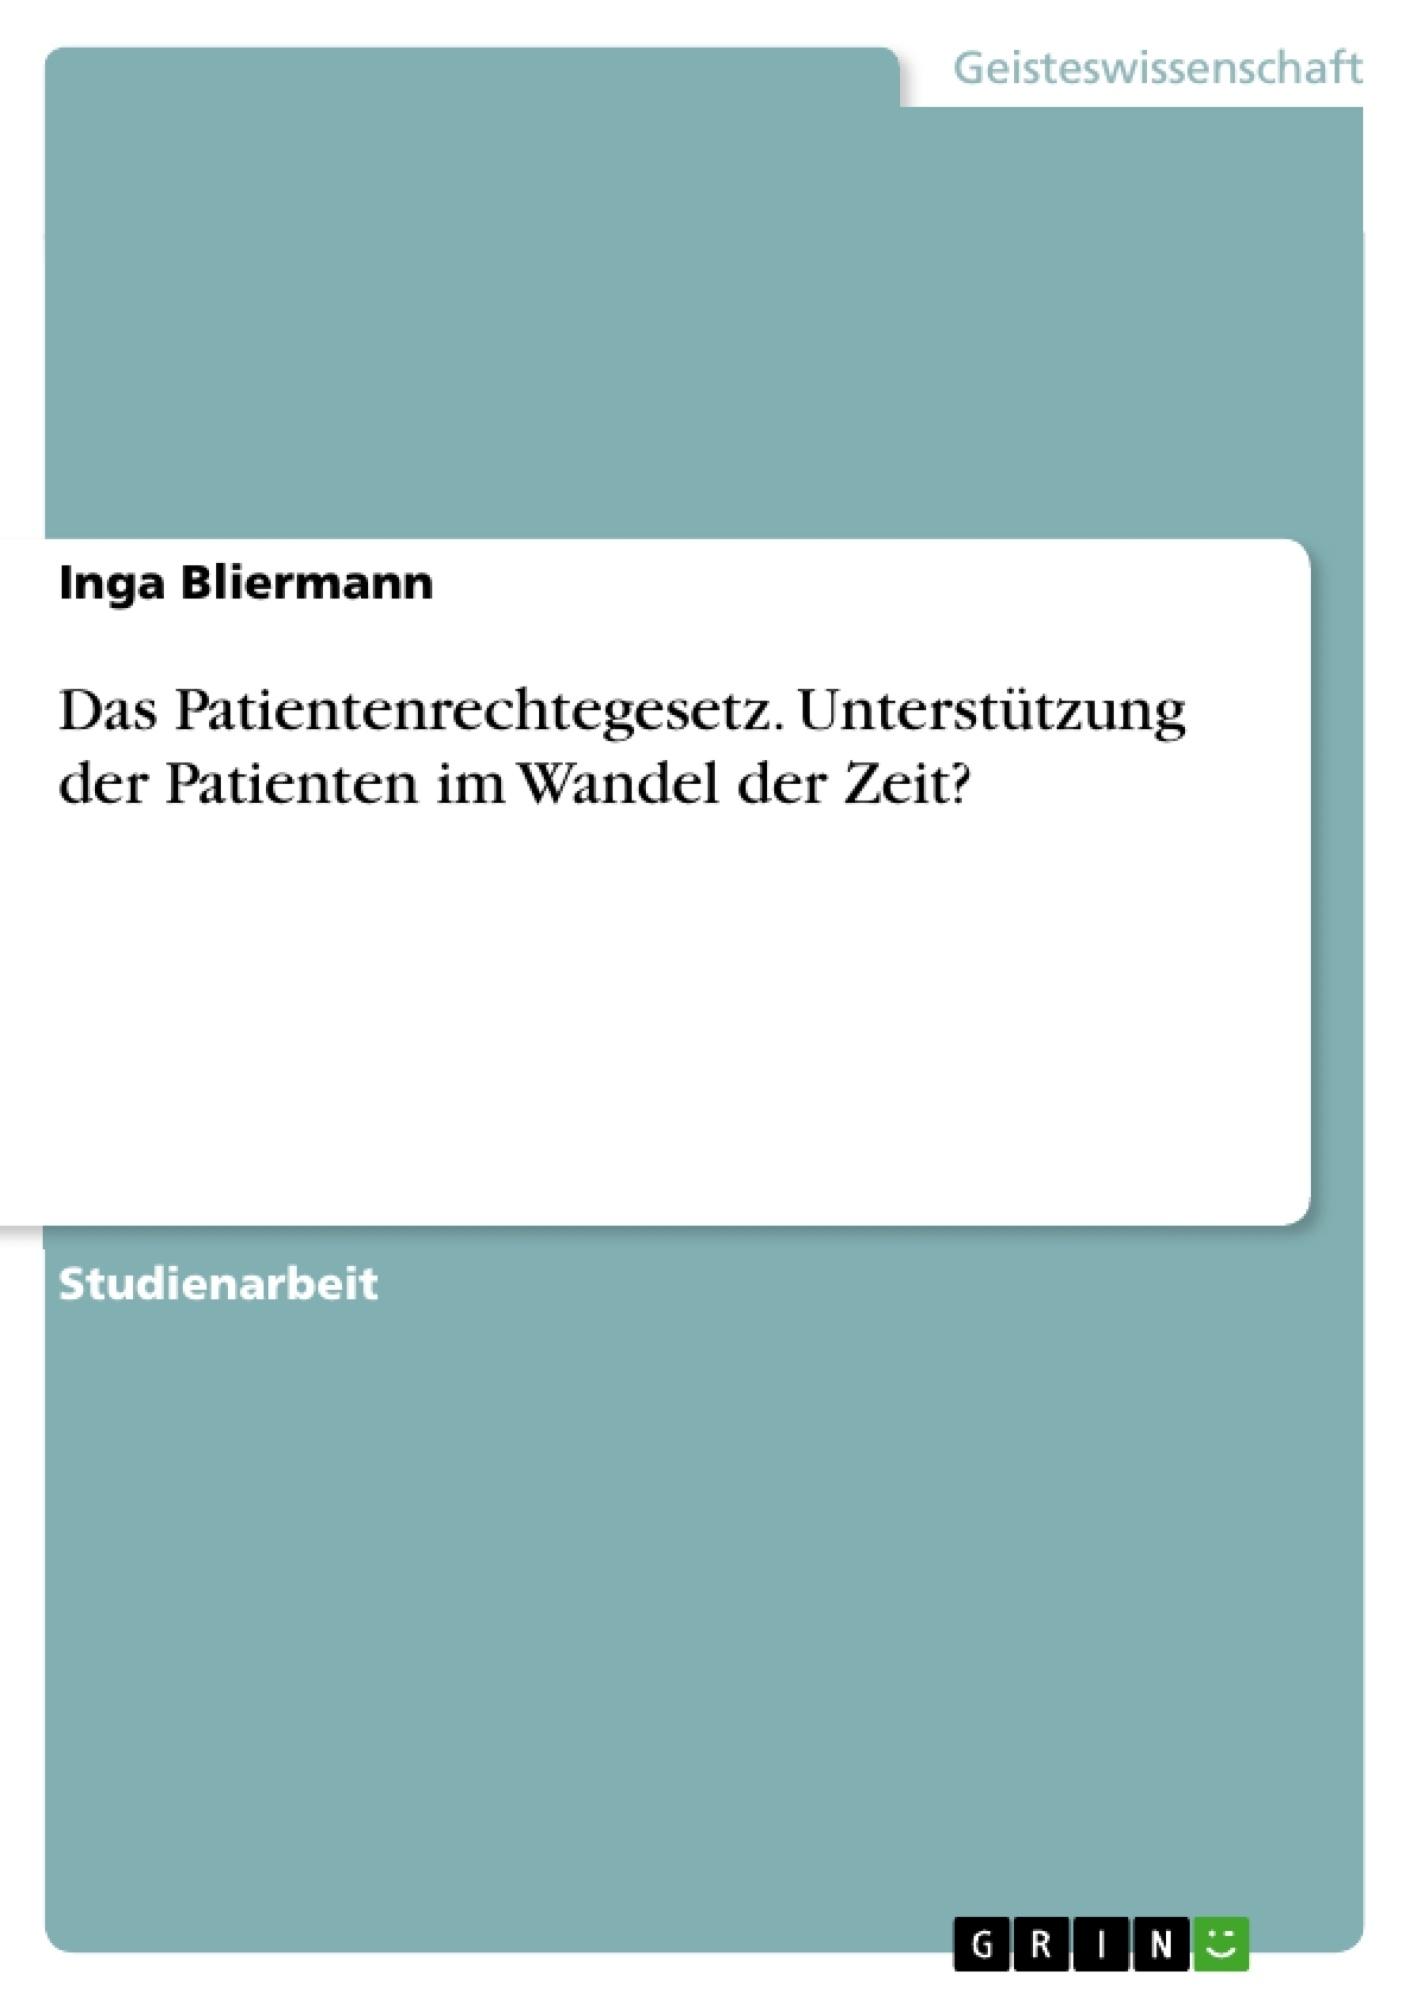 Titel: Das Patientenrechtegesetz. Unterstützung der Patienten im  Wandel der Zeit?